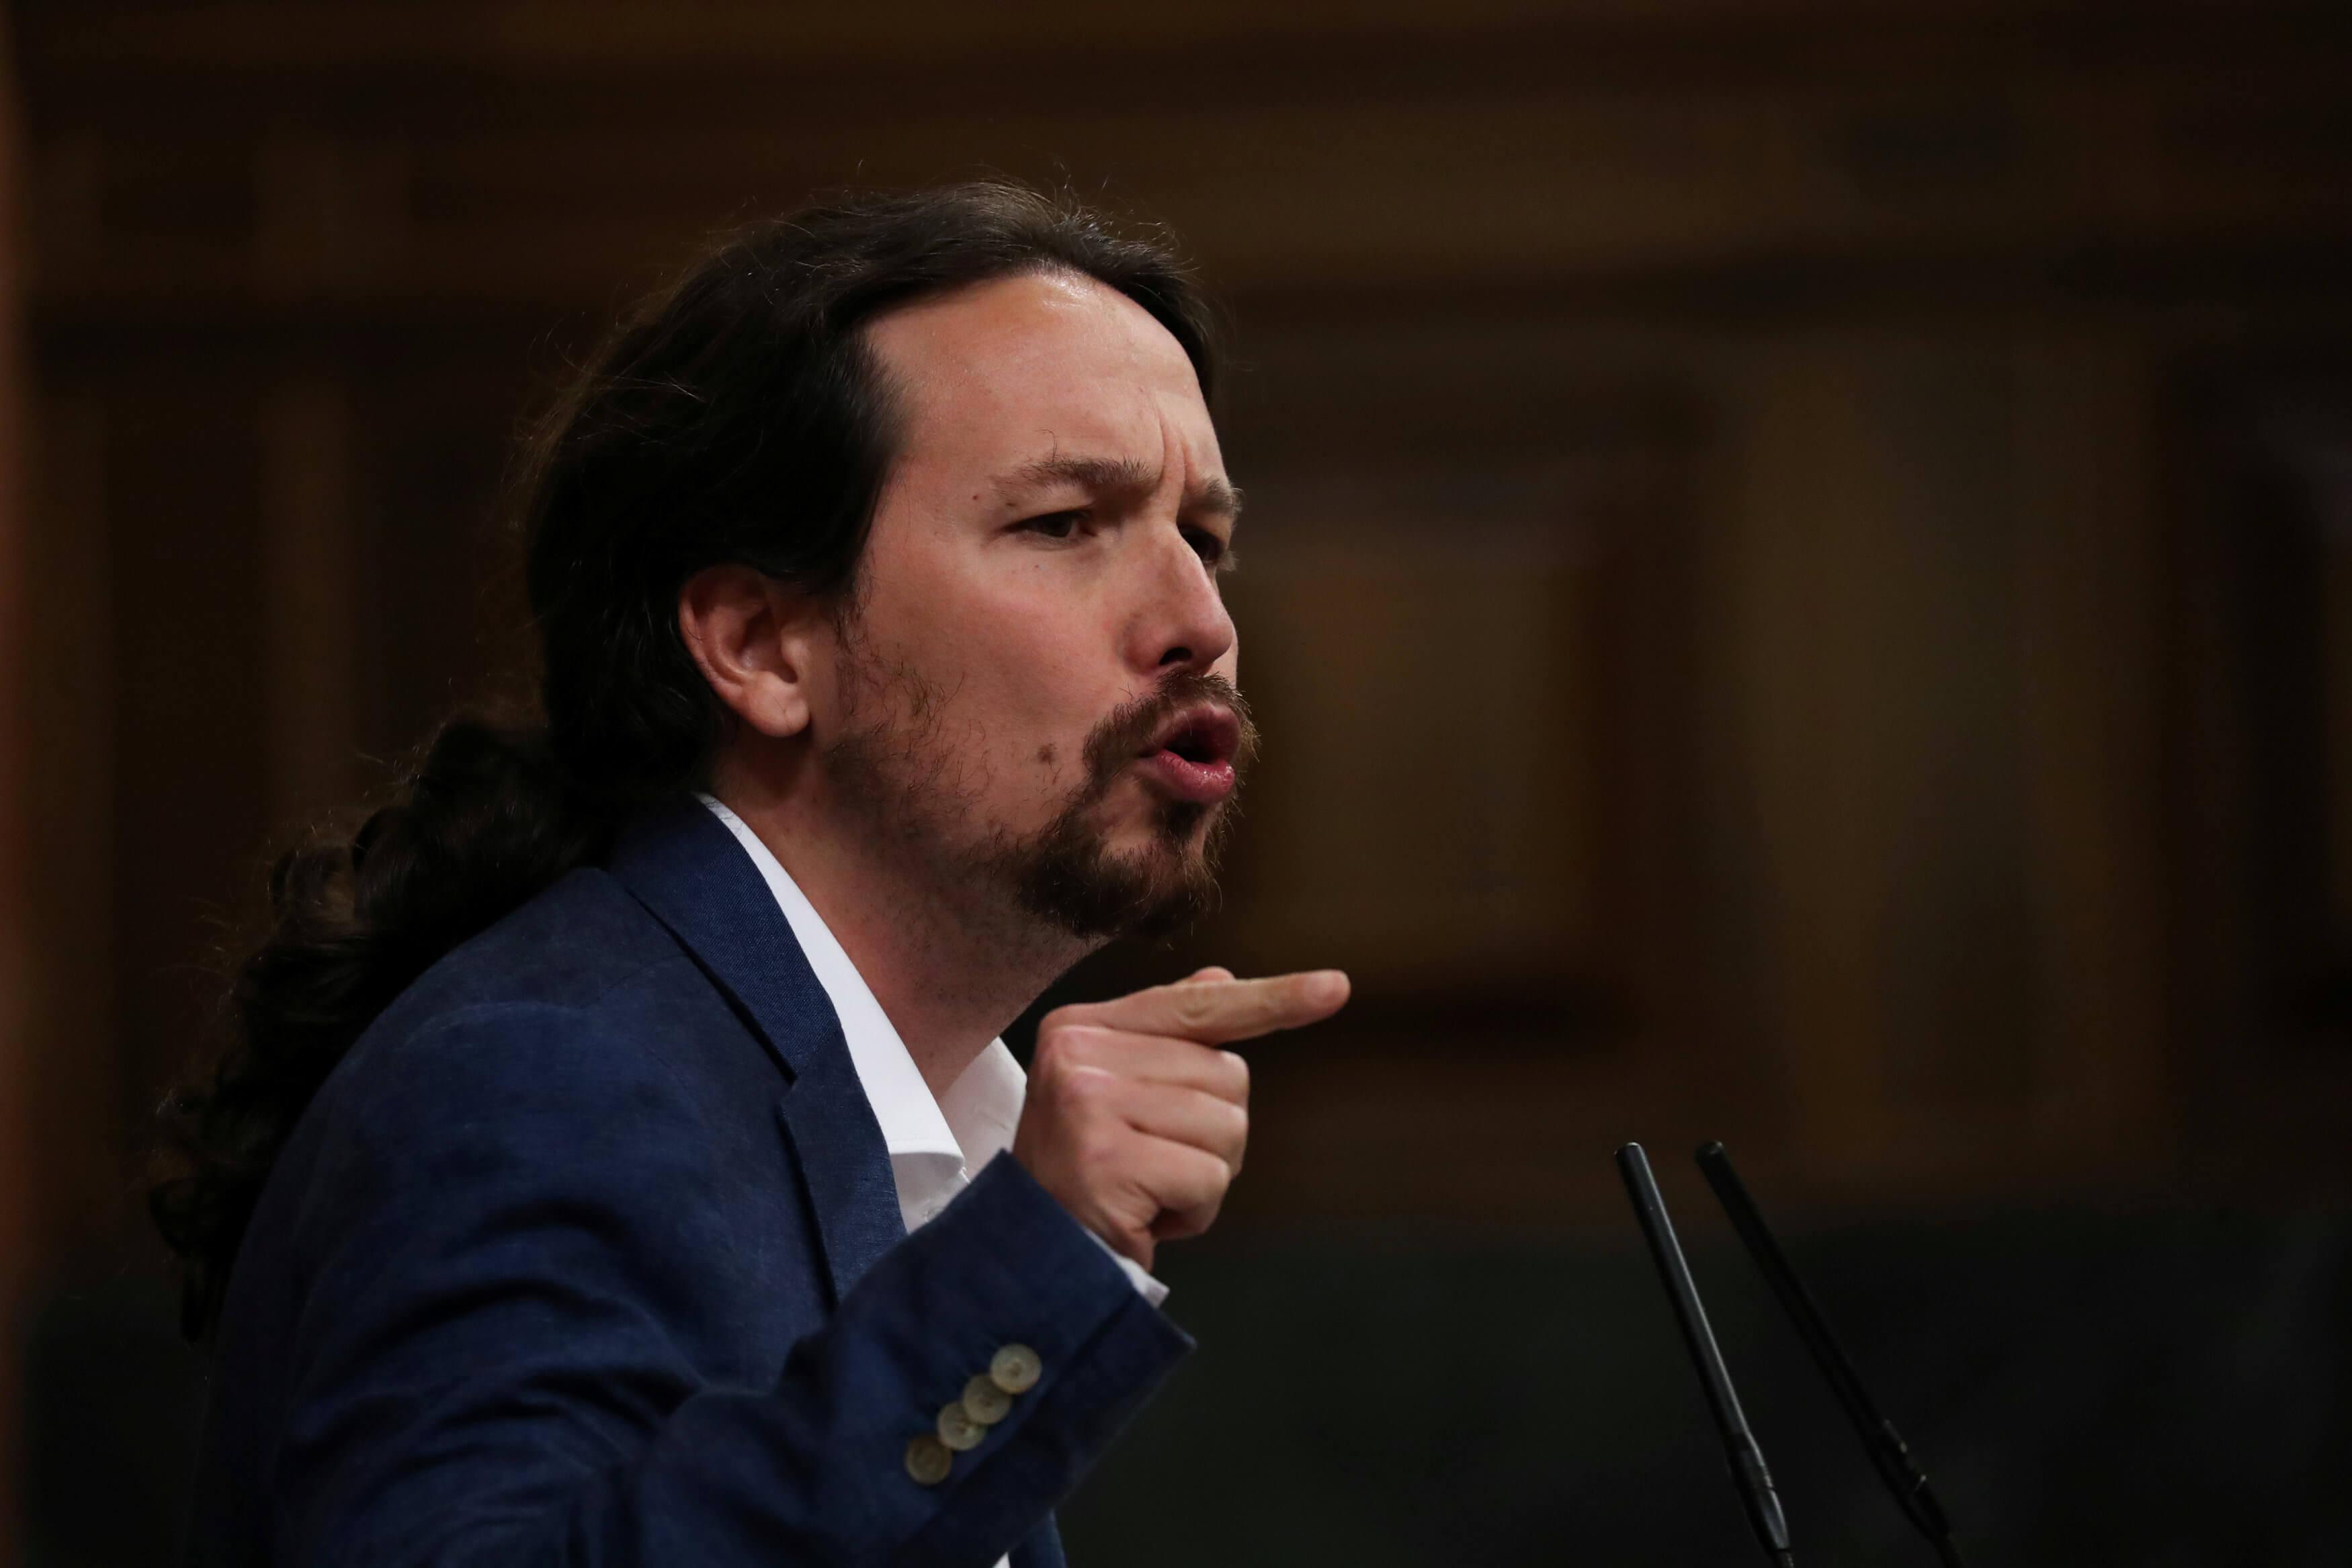 Σοσιαλιστές, Podemos, venceremos! Η τελευταία δημοσκόπηση πριν τις εκλογές